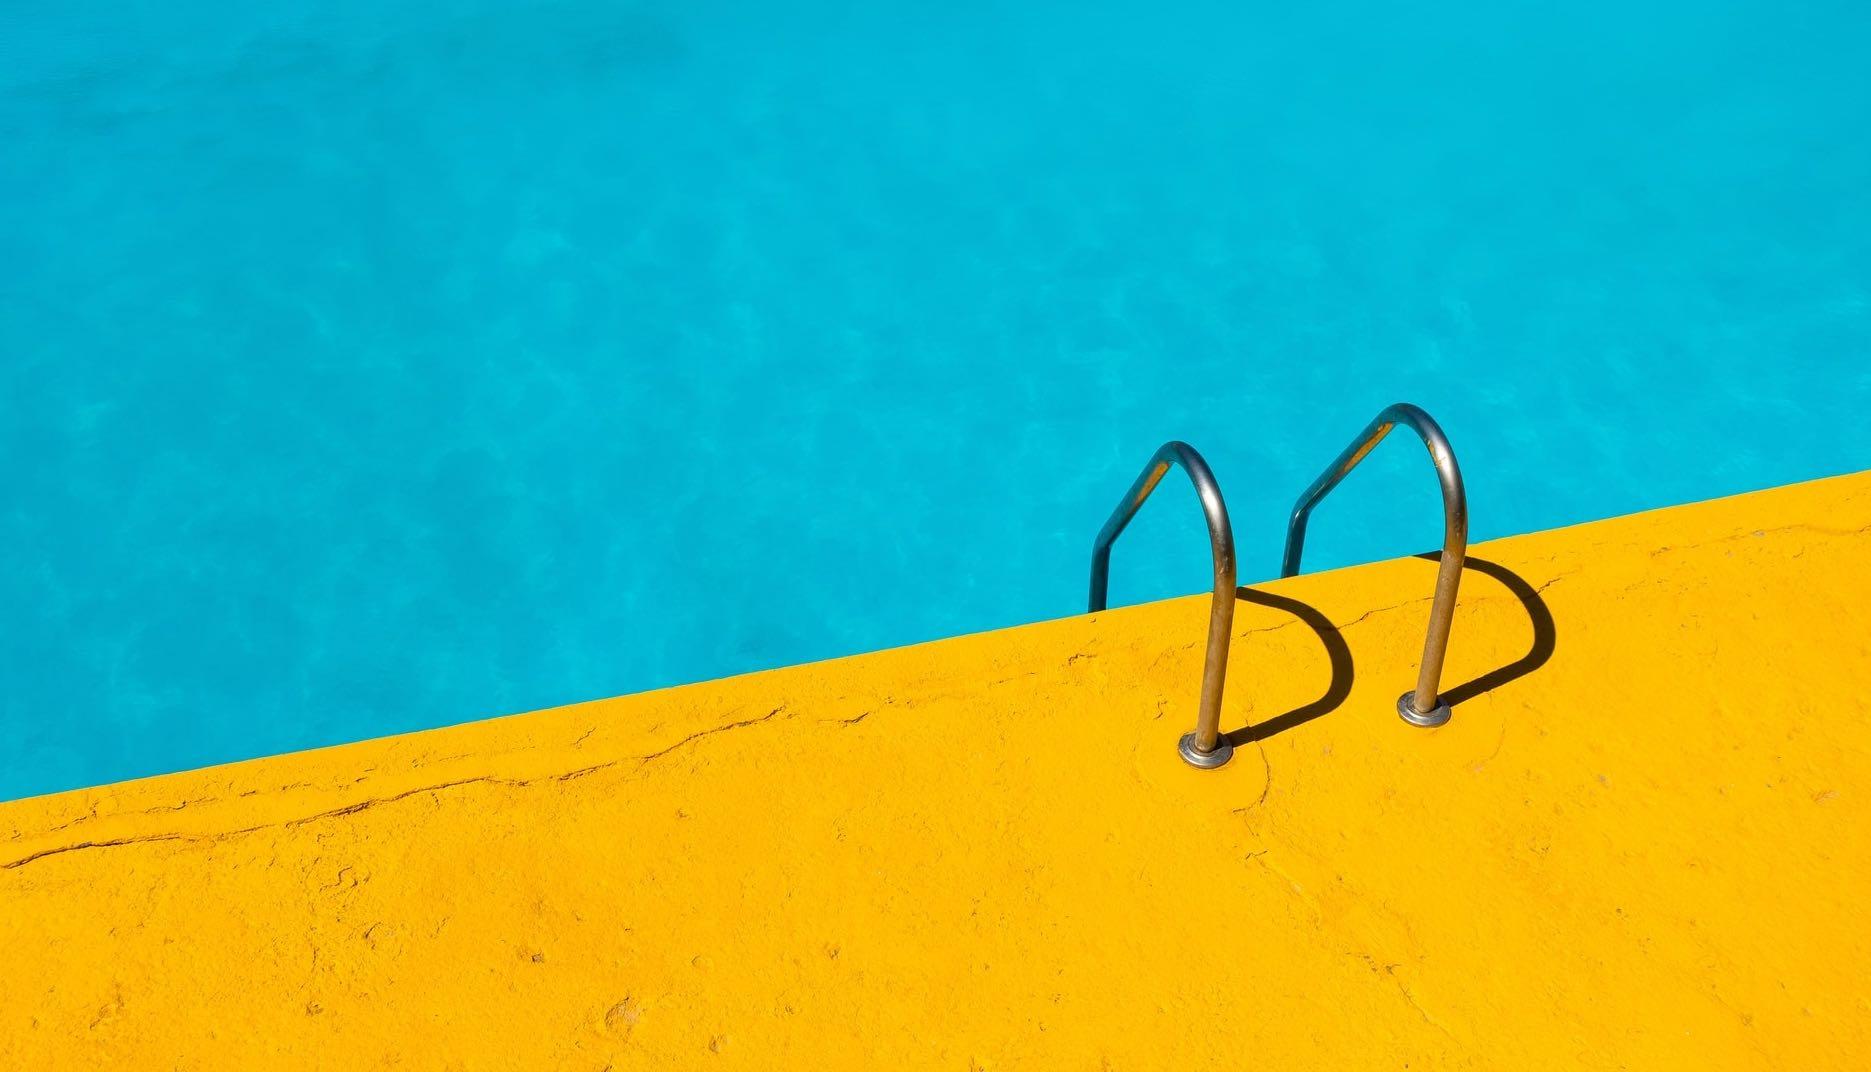 pool binance